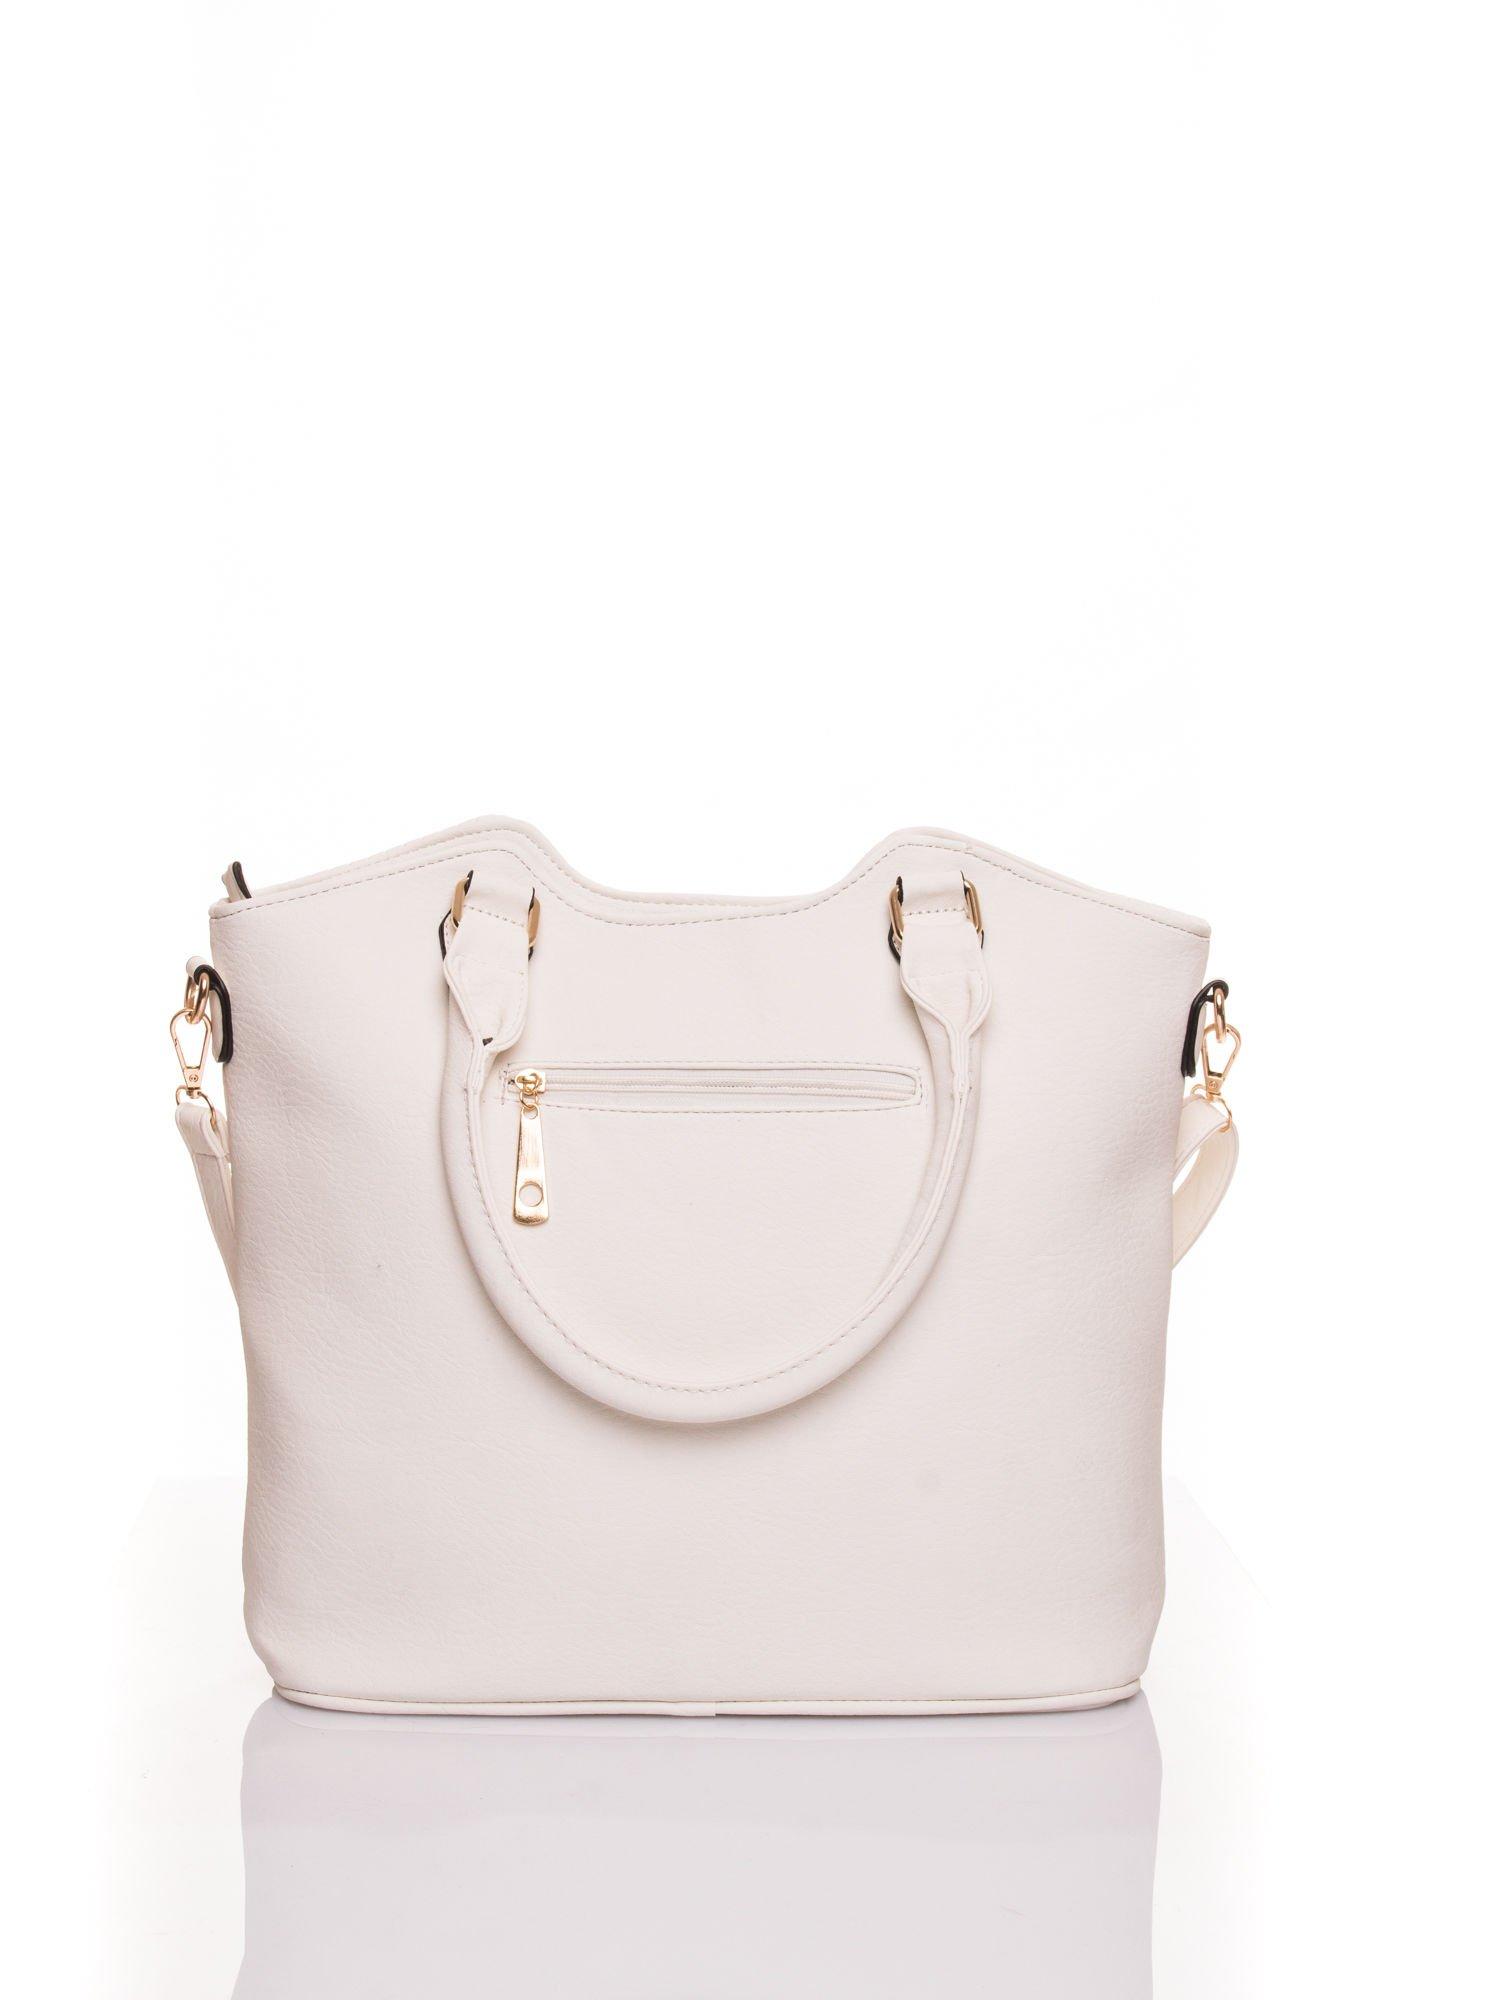 Biała torebka fakturowana w pasy                                   zdj.                                  3